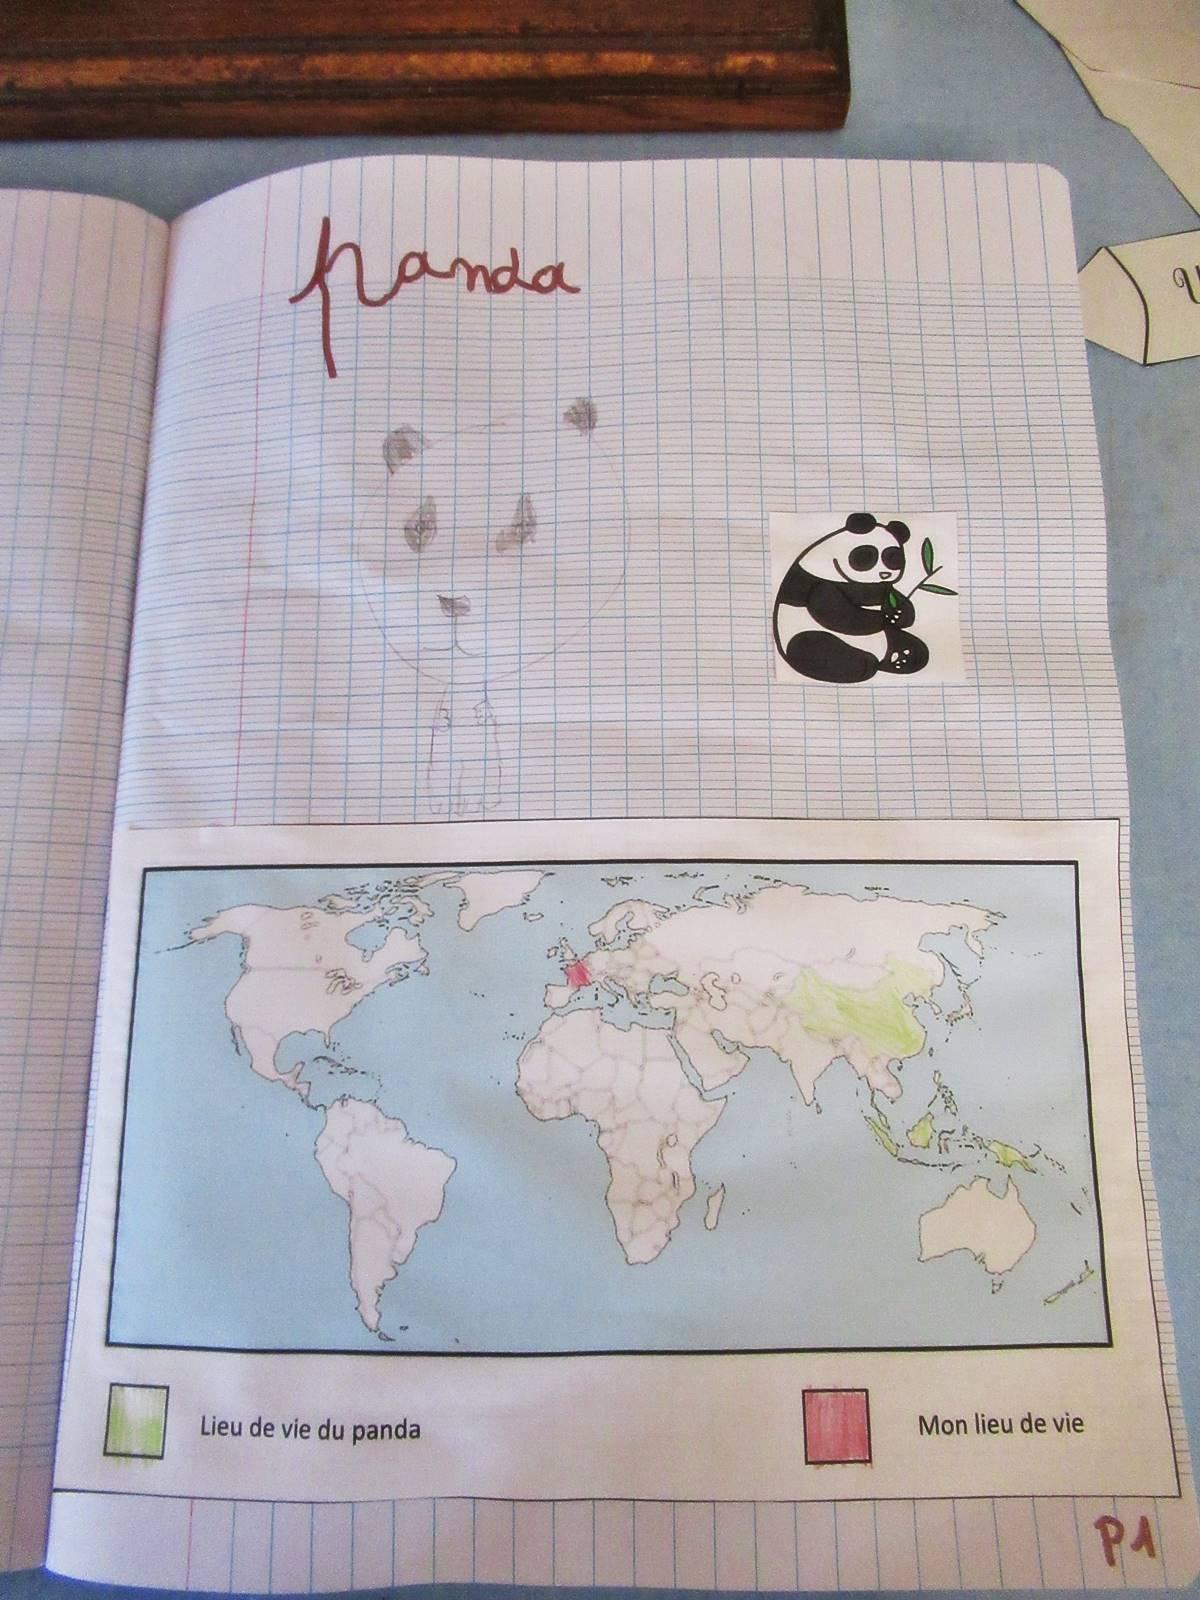 Lapbook panda ief 8